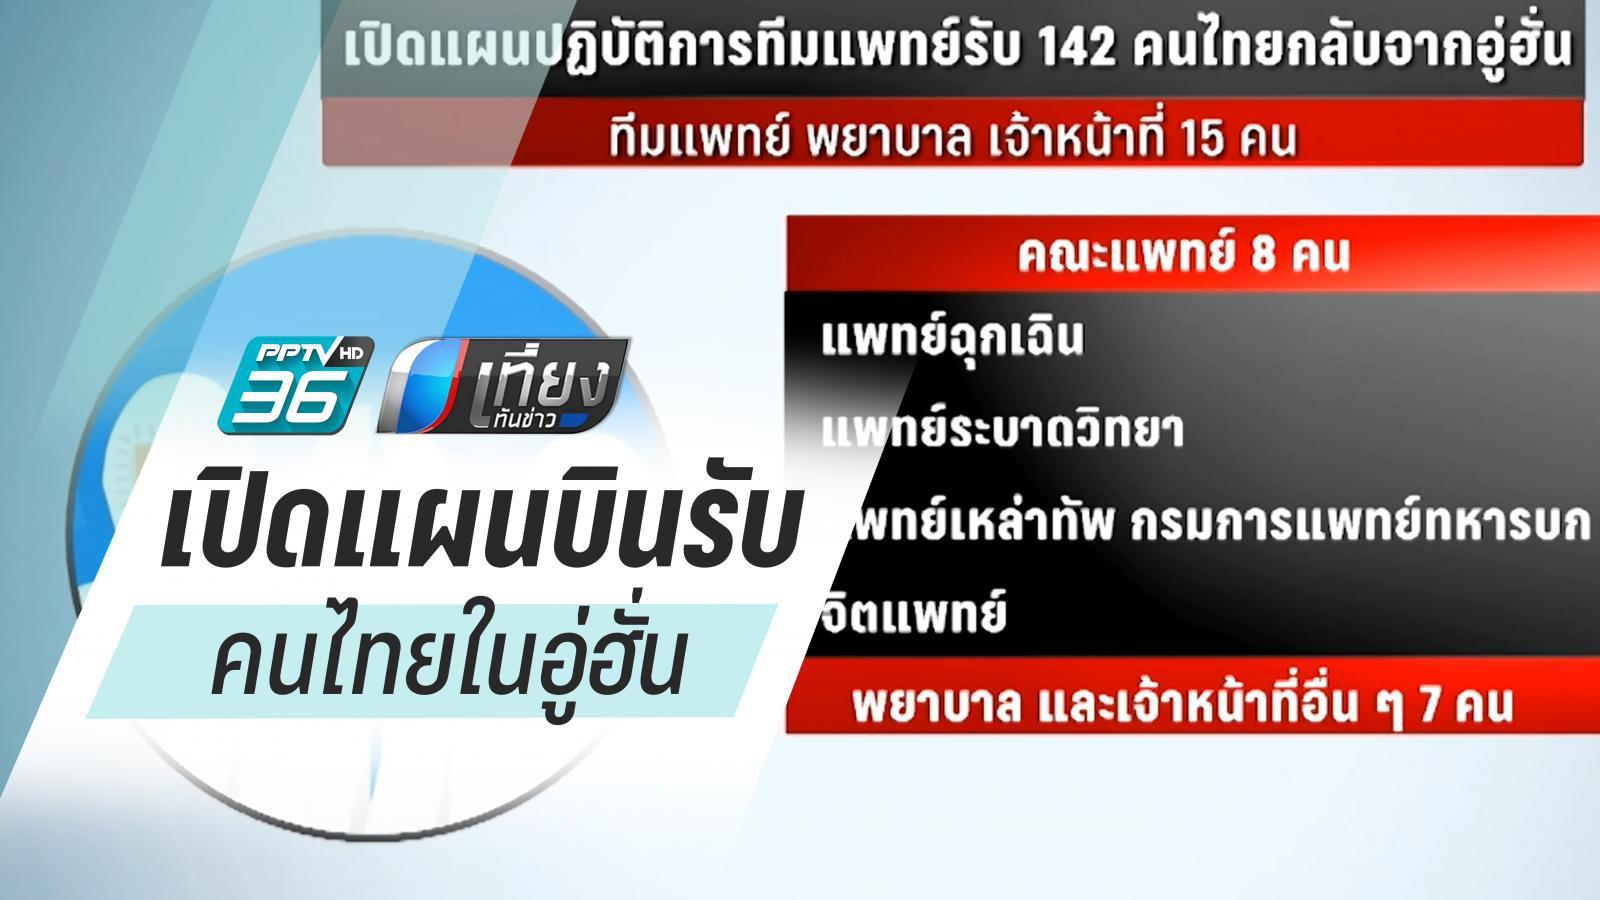 เปิดปฏิบัติการพา 142 คนไทยในอู่ฮั่น กลับบ้าน